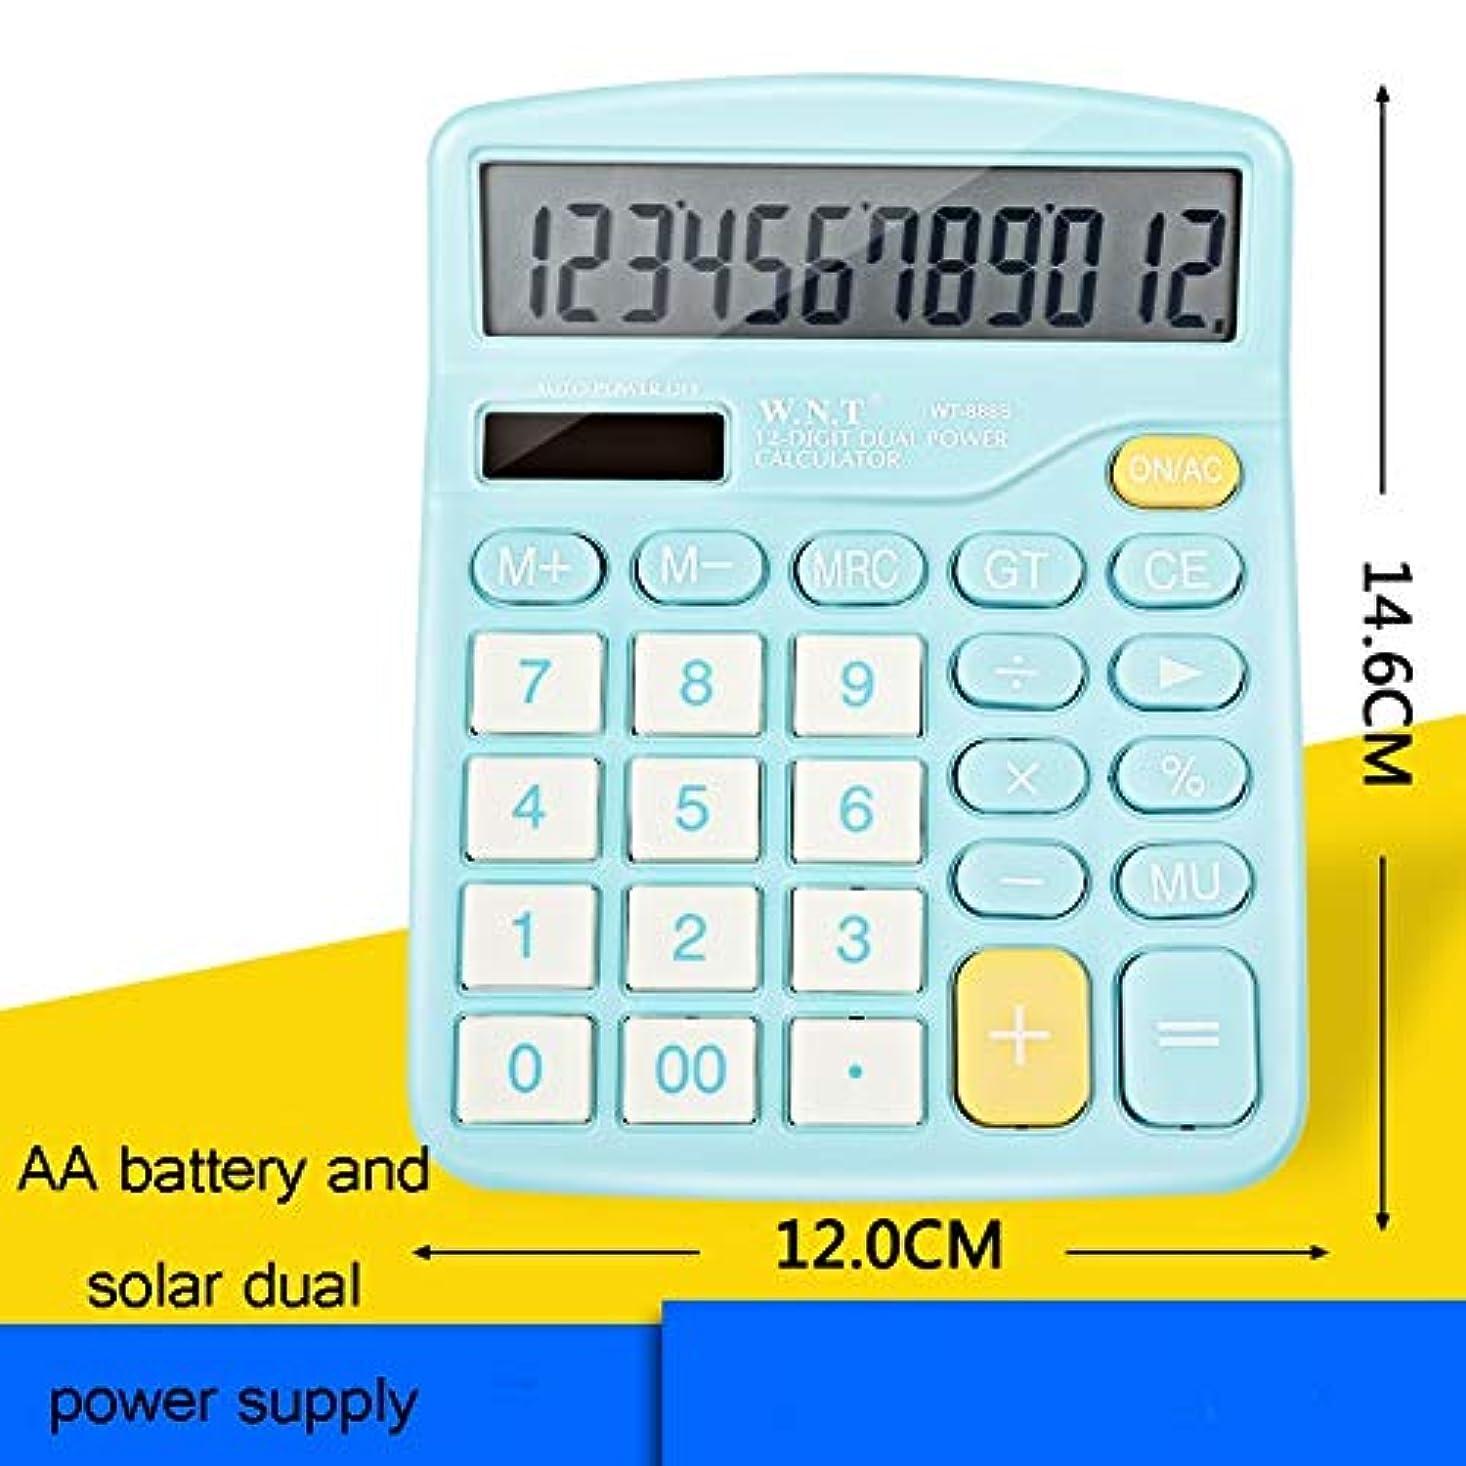 見つけた気味の悪い永久デスクトップ計算機 デスクトップ計算機 太陽電池デュアルパワーオフィス計算機 太陽電池デュアルパワーオフィス計算機 大型LCDモニター 大型LCDモニター 電子計算機 電子計算機 PP-56